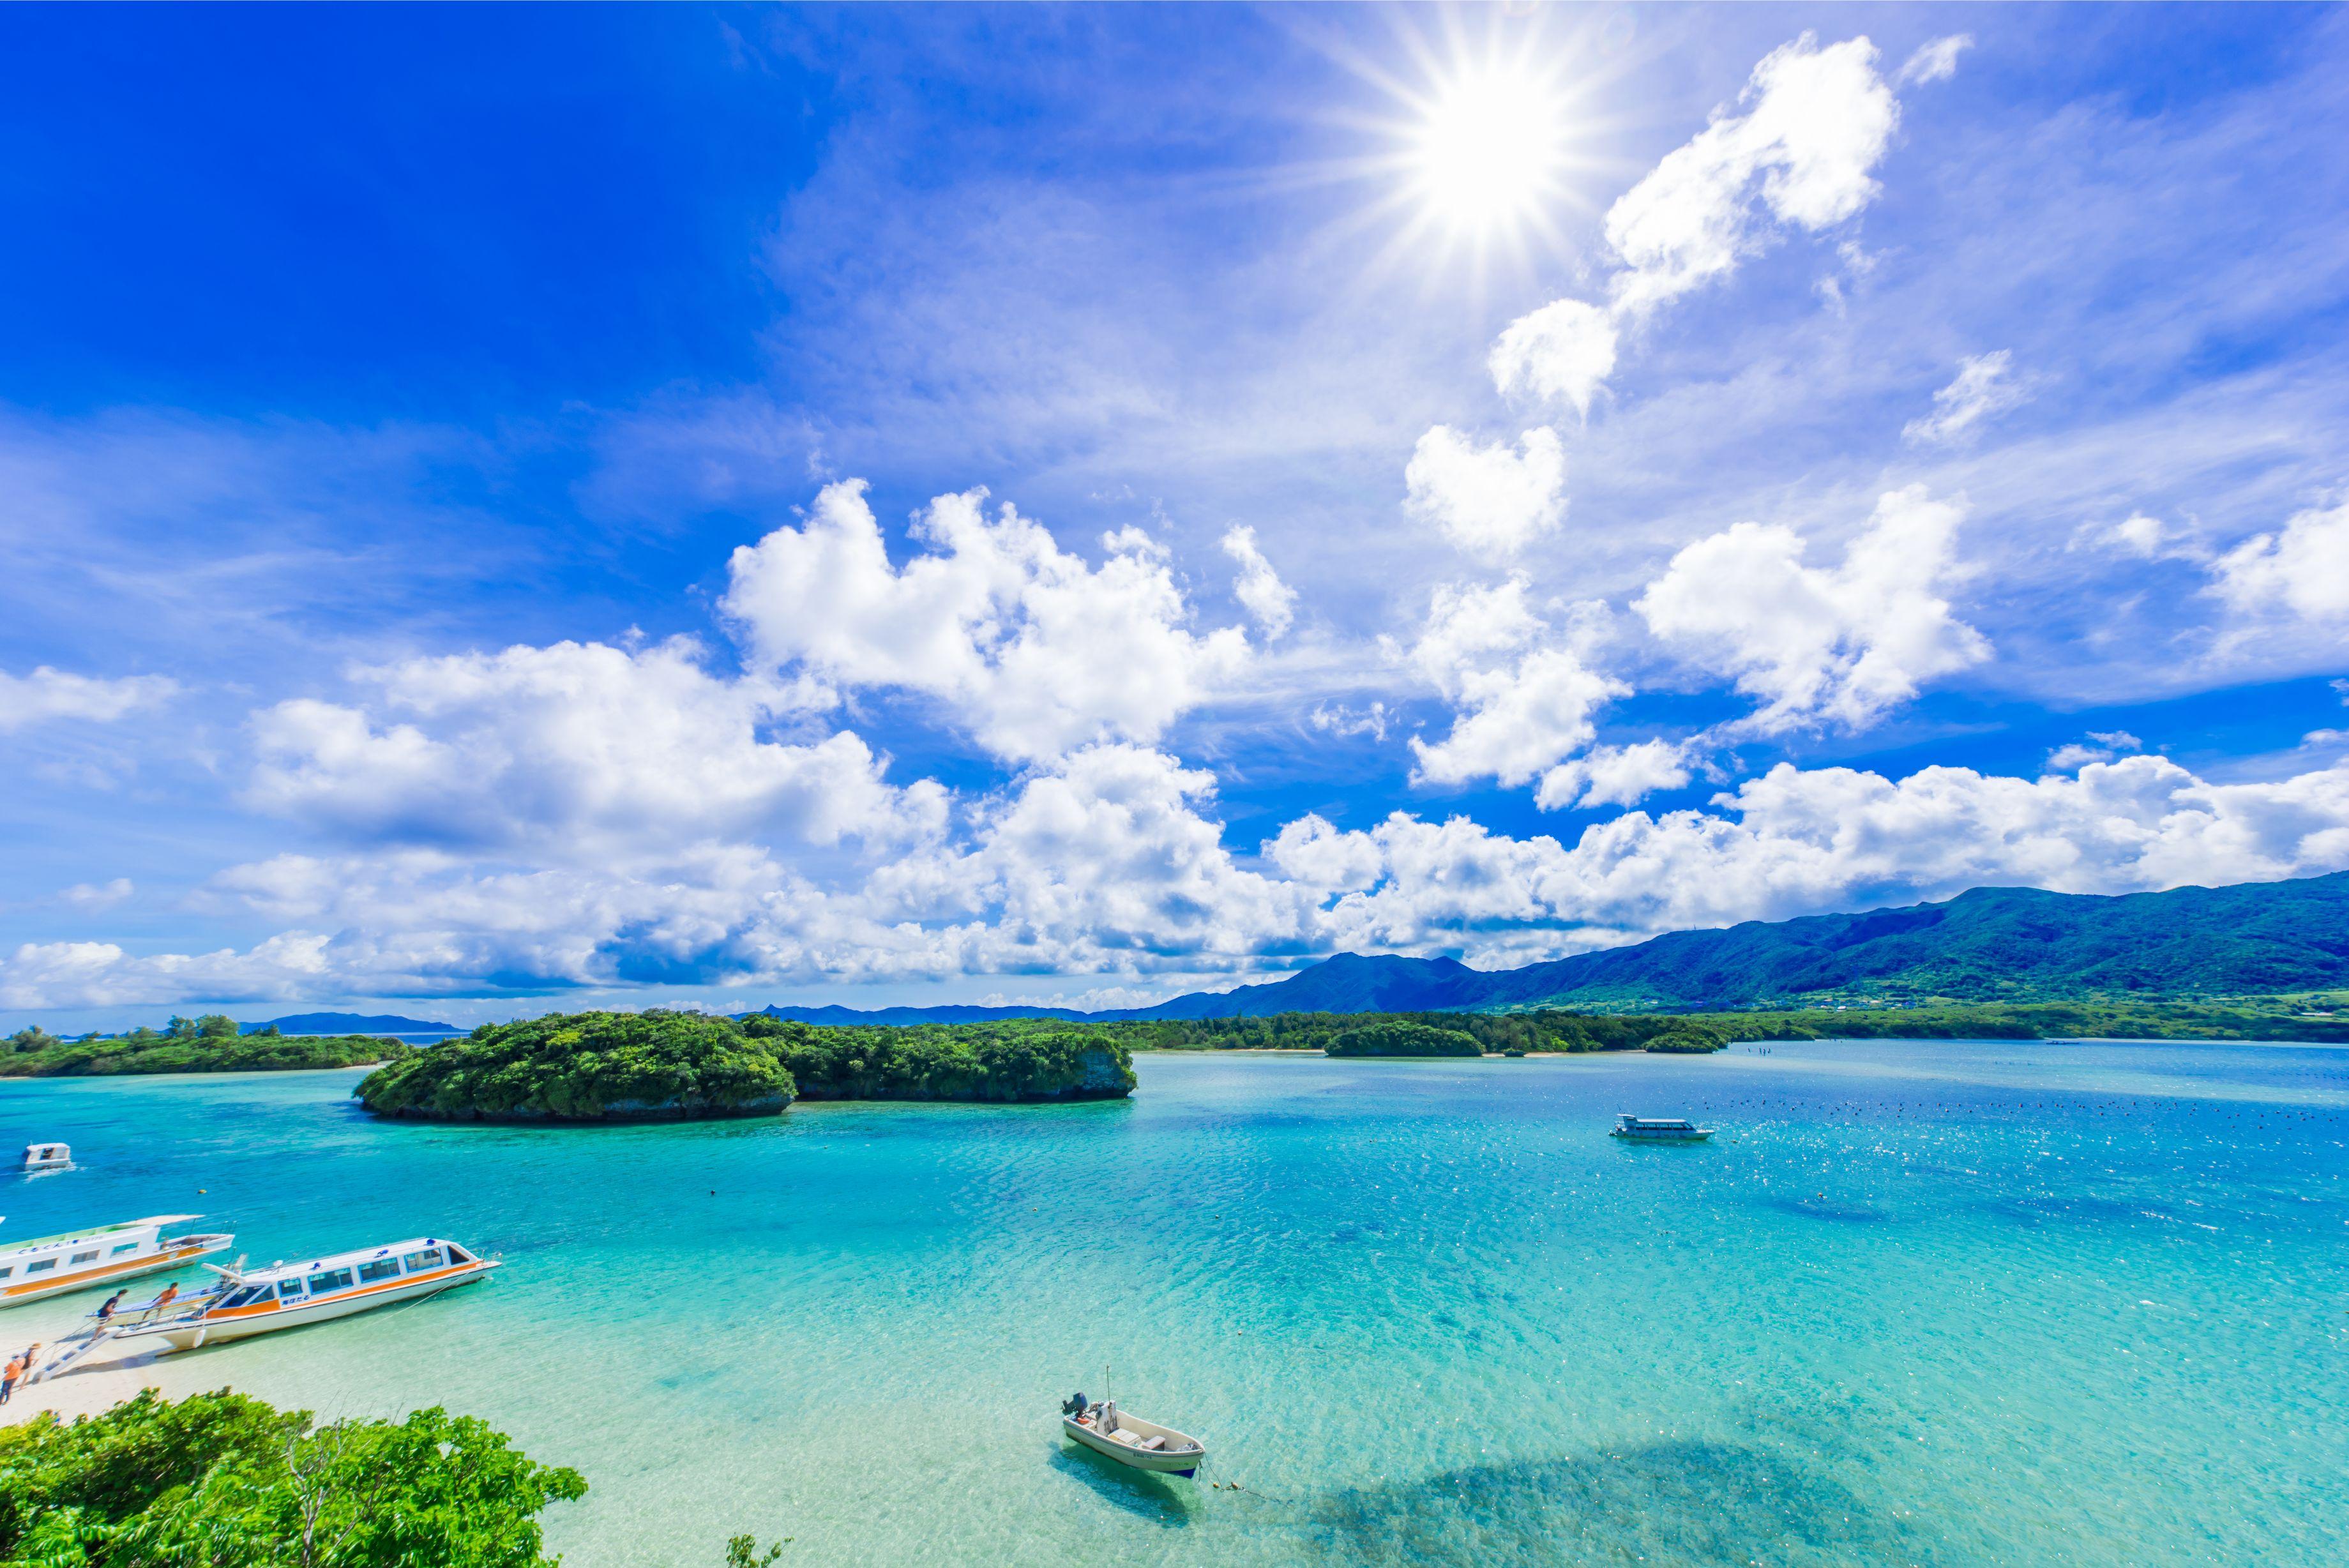 石垣島のイメージ画像